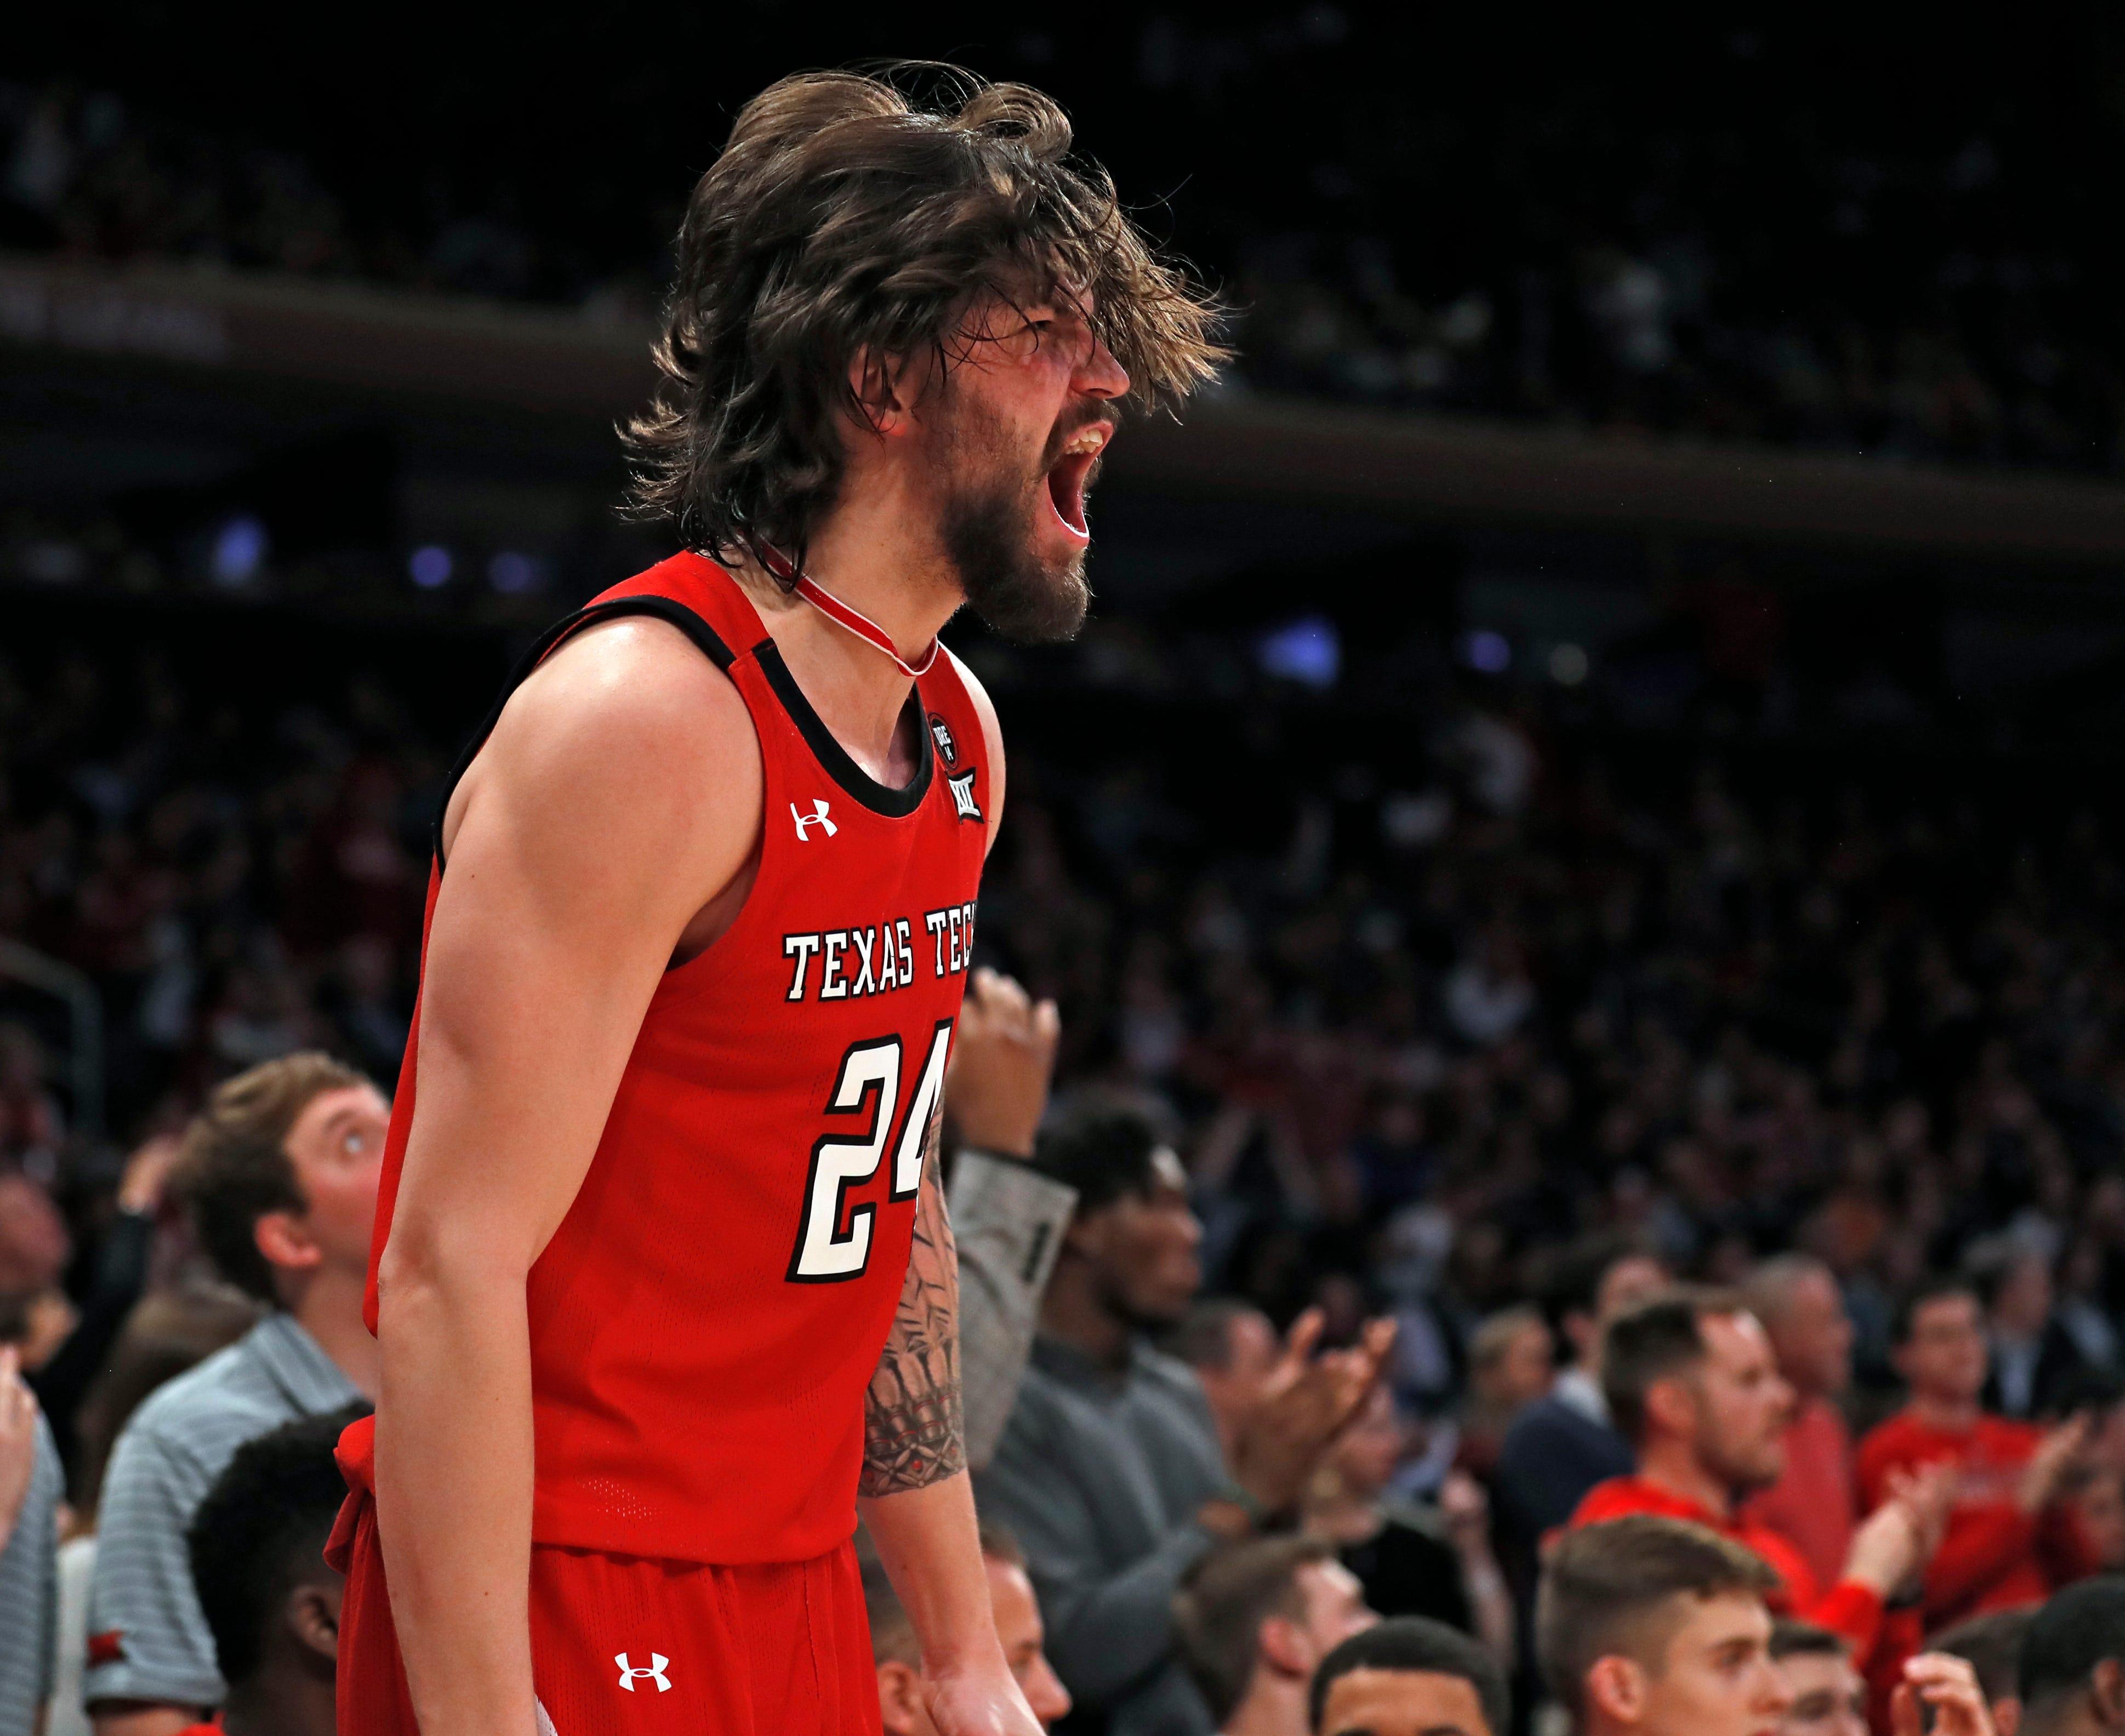 NCAA basketball: Texas Tech's Benson enters the transfer portal